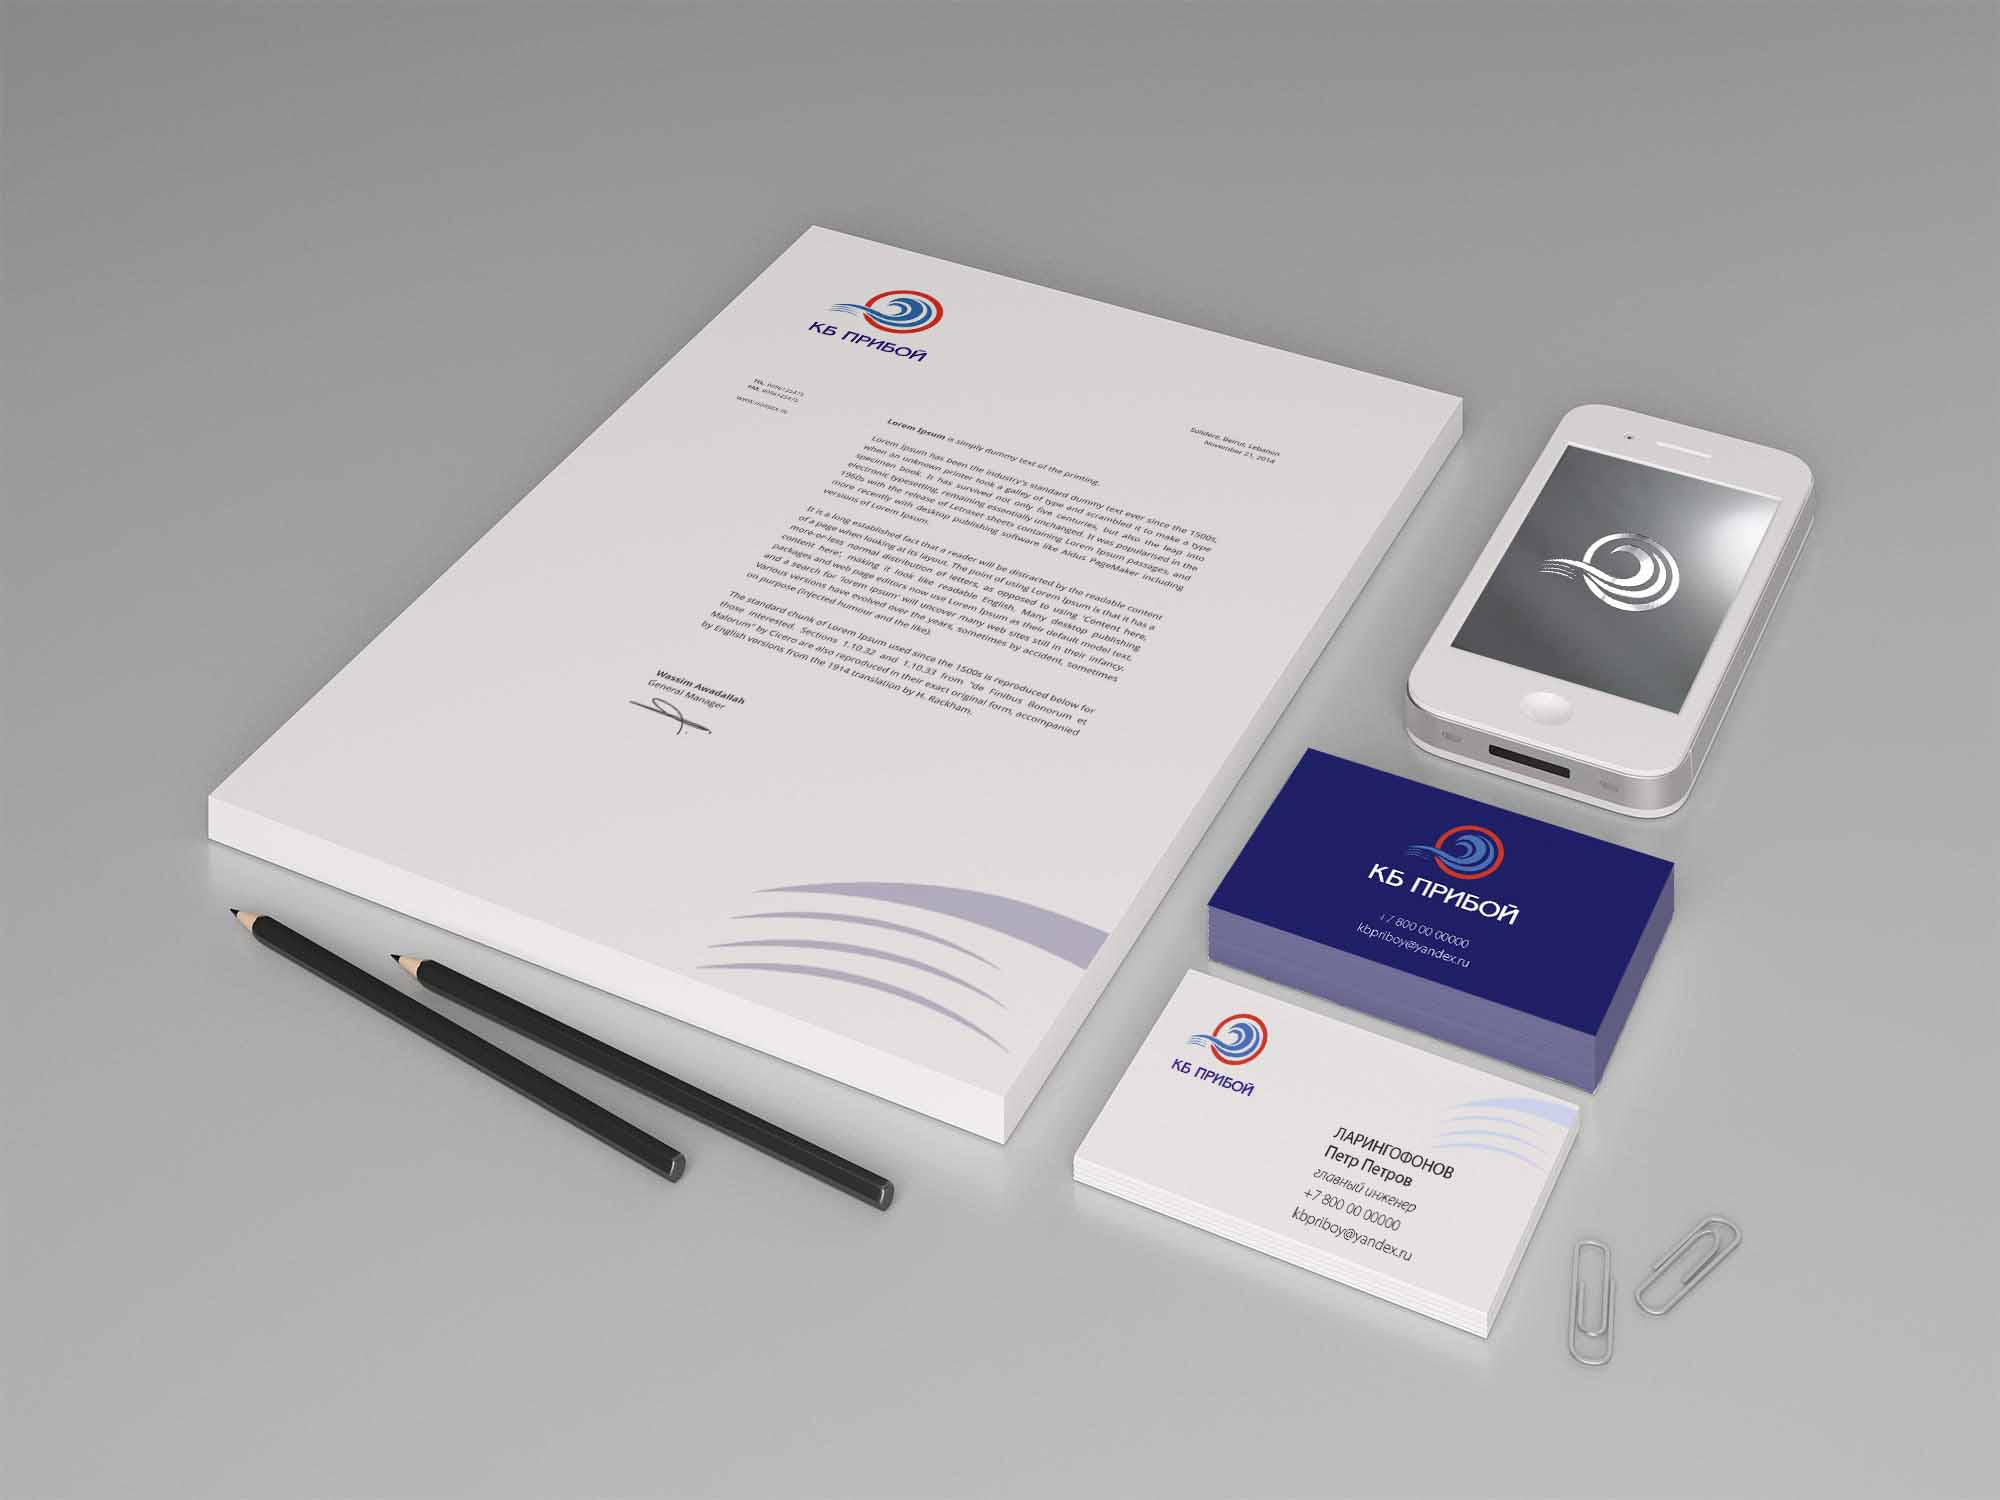 Разработка логотипа и фирменного стиля для КБ Прибой фото f_8365b277c6de866e.jpg